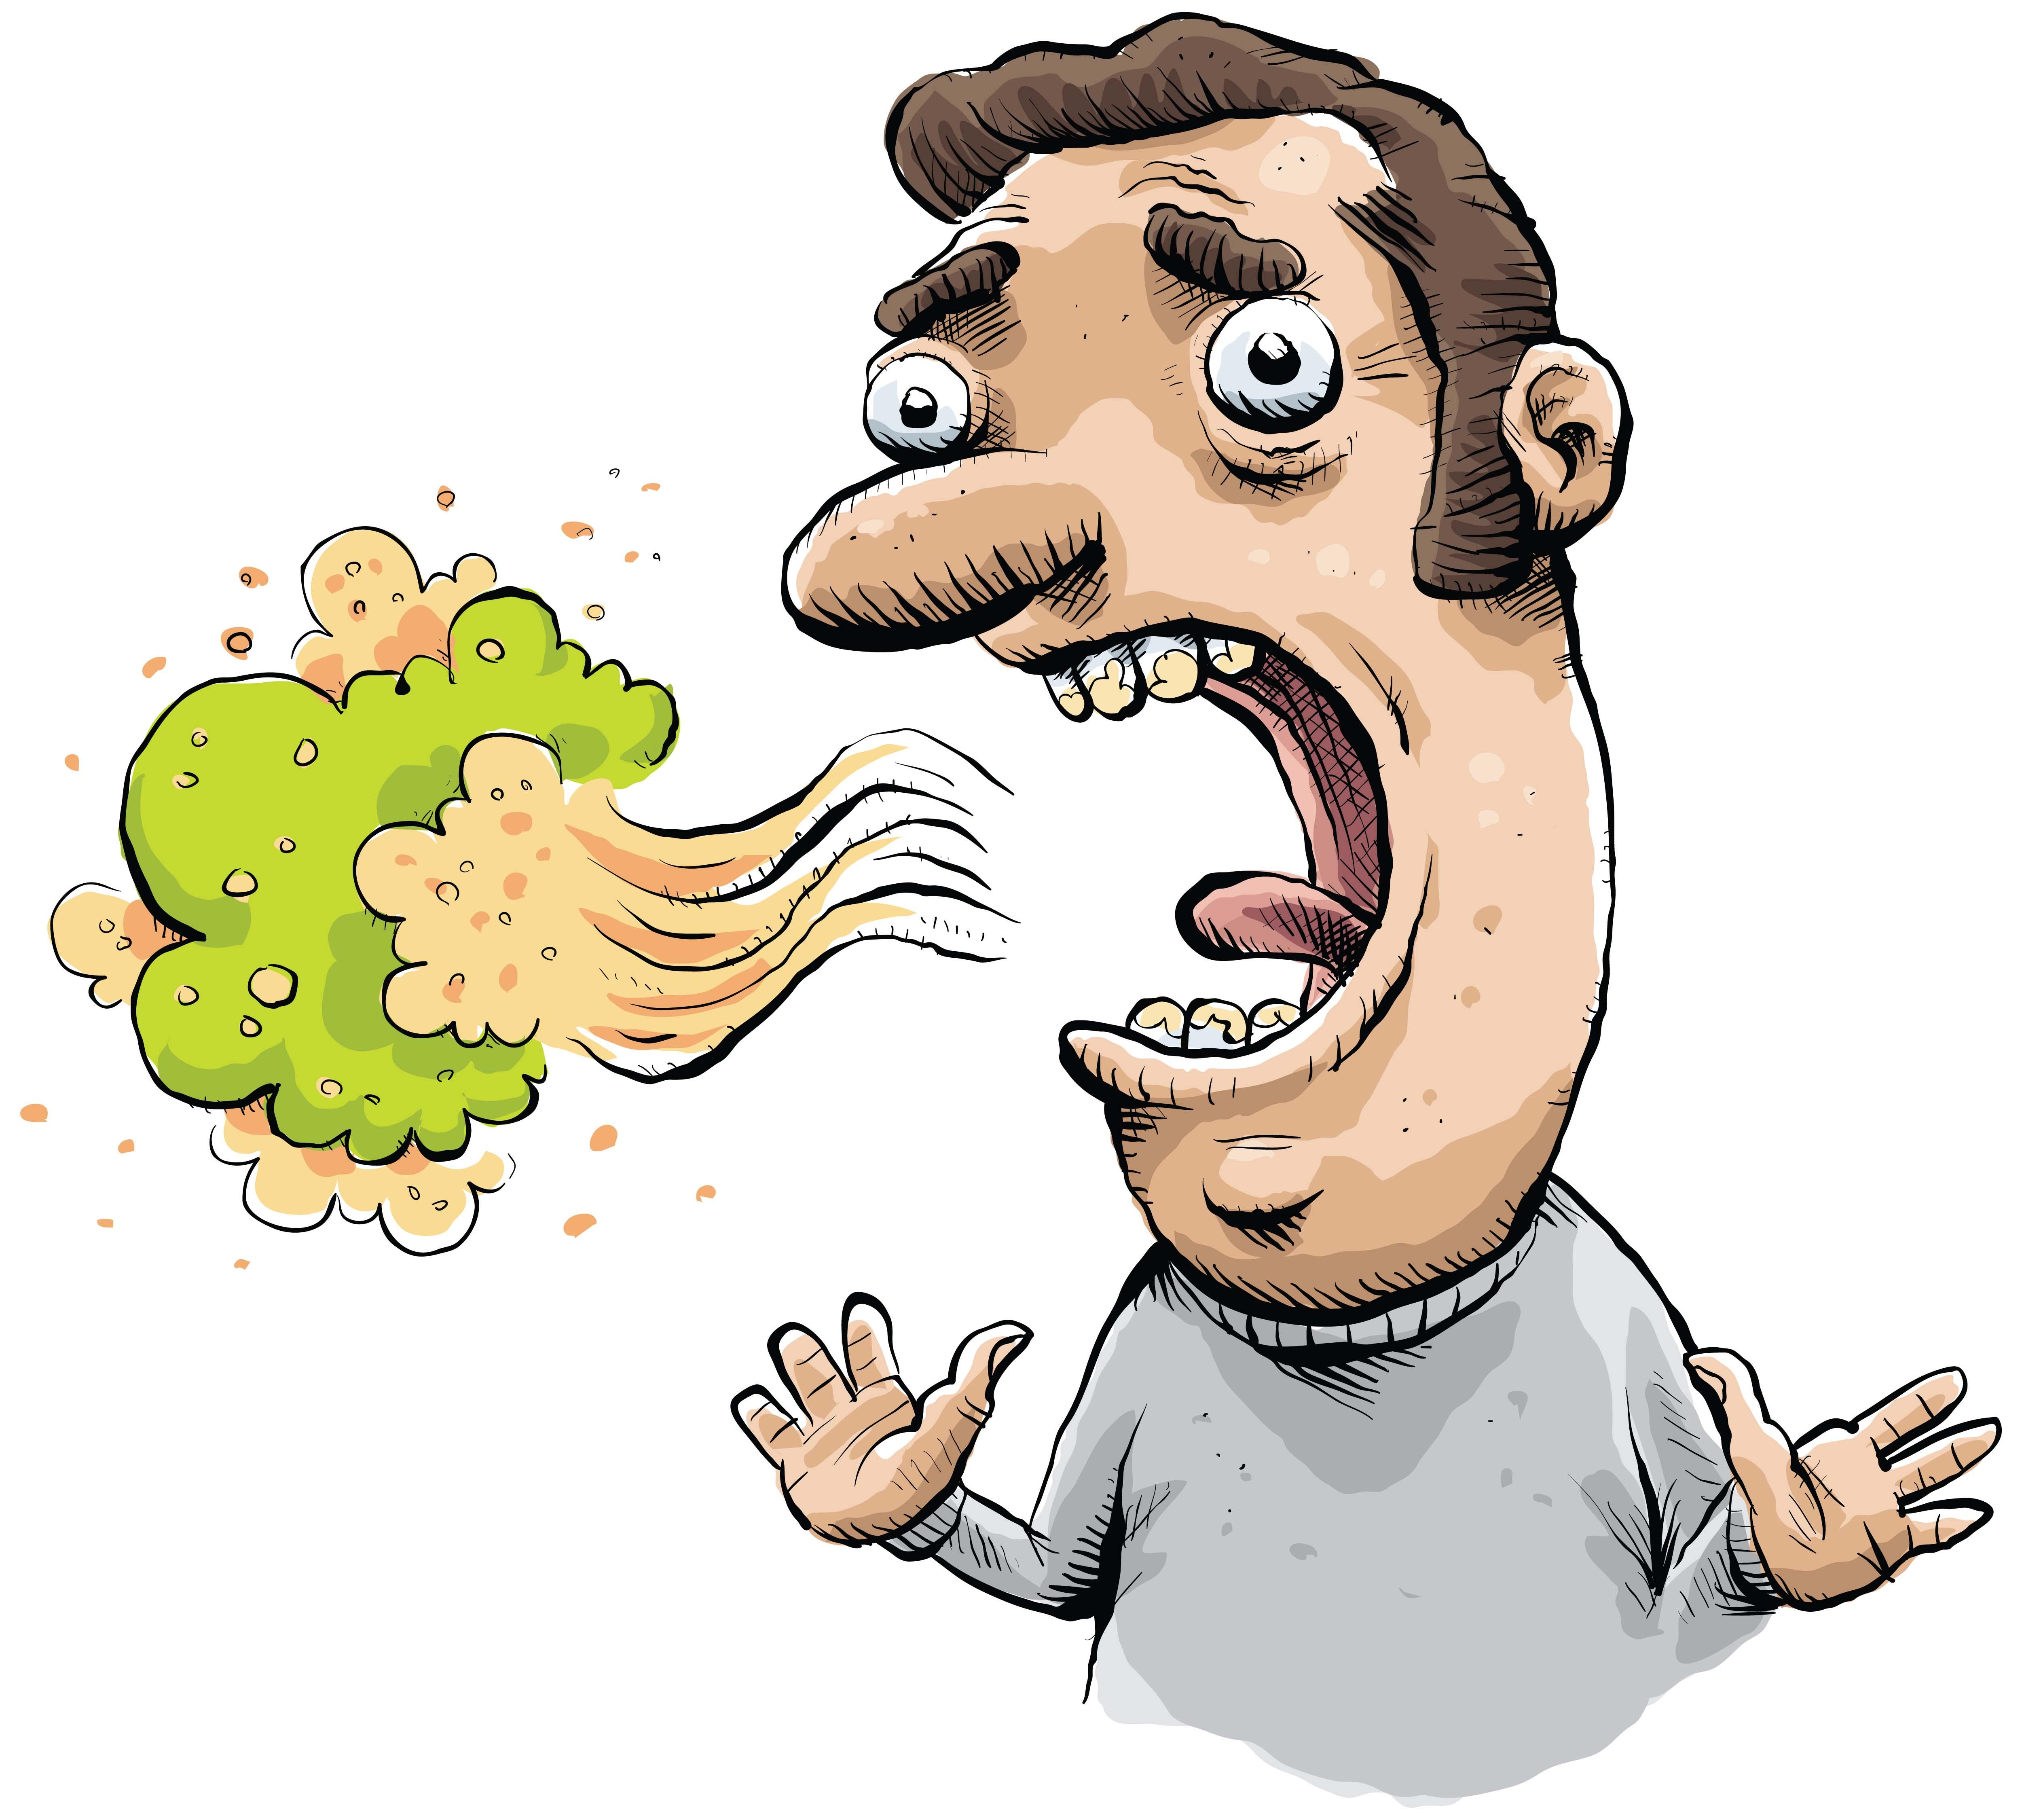 Какой врач лечит галитоз. галитоз - лечение в домашних условиях, что это такое, признаки. что такое галитоз